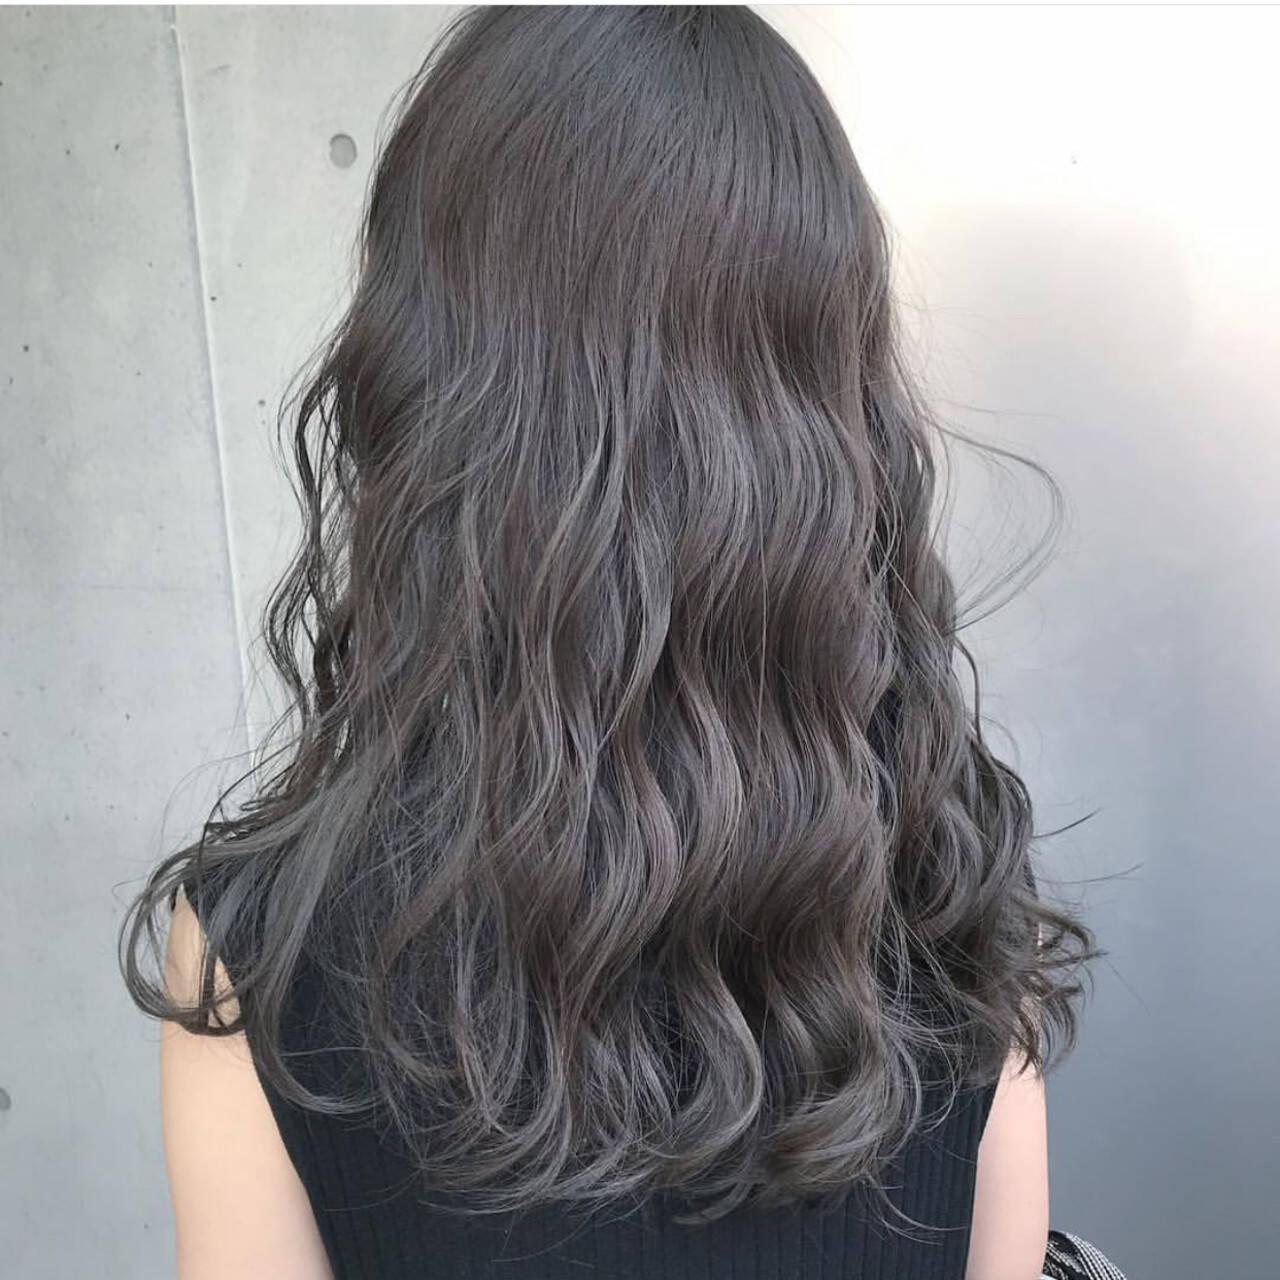 ロング ハイトーン モード グレージュヘアスタイルや髪型の写真・画像